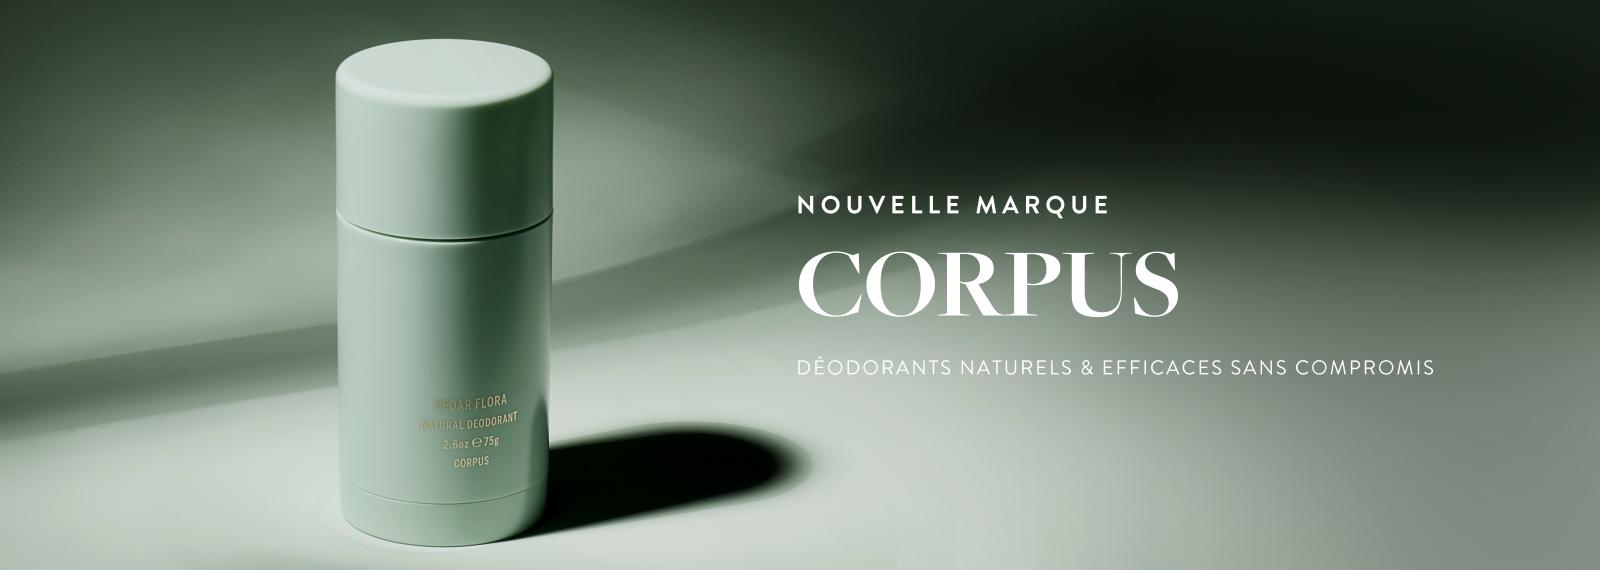 NOUVELLE MARQUE - CORPUS